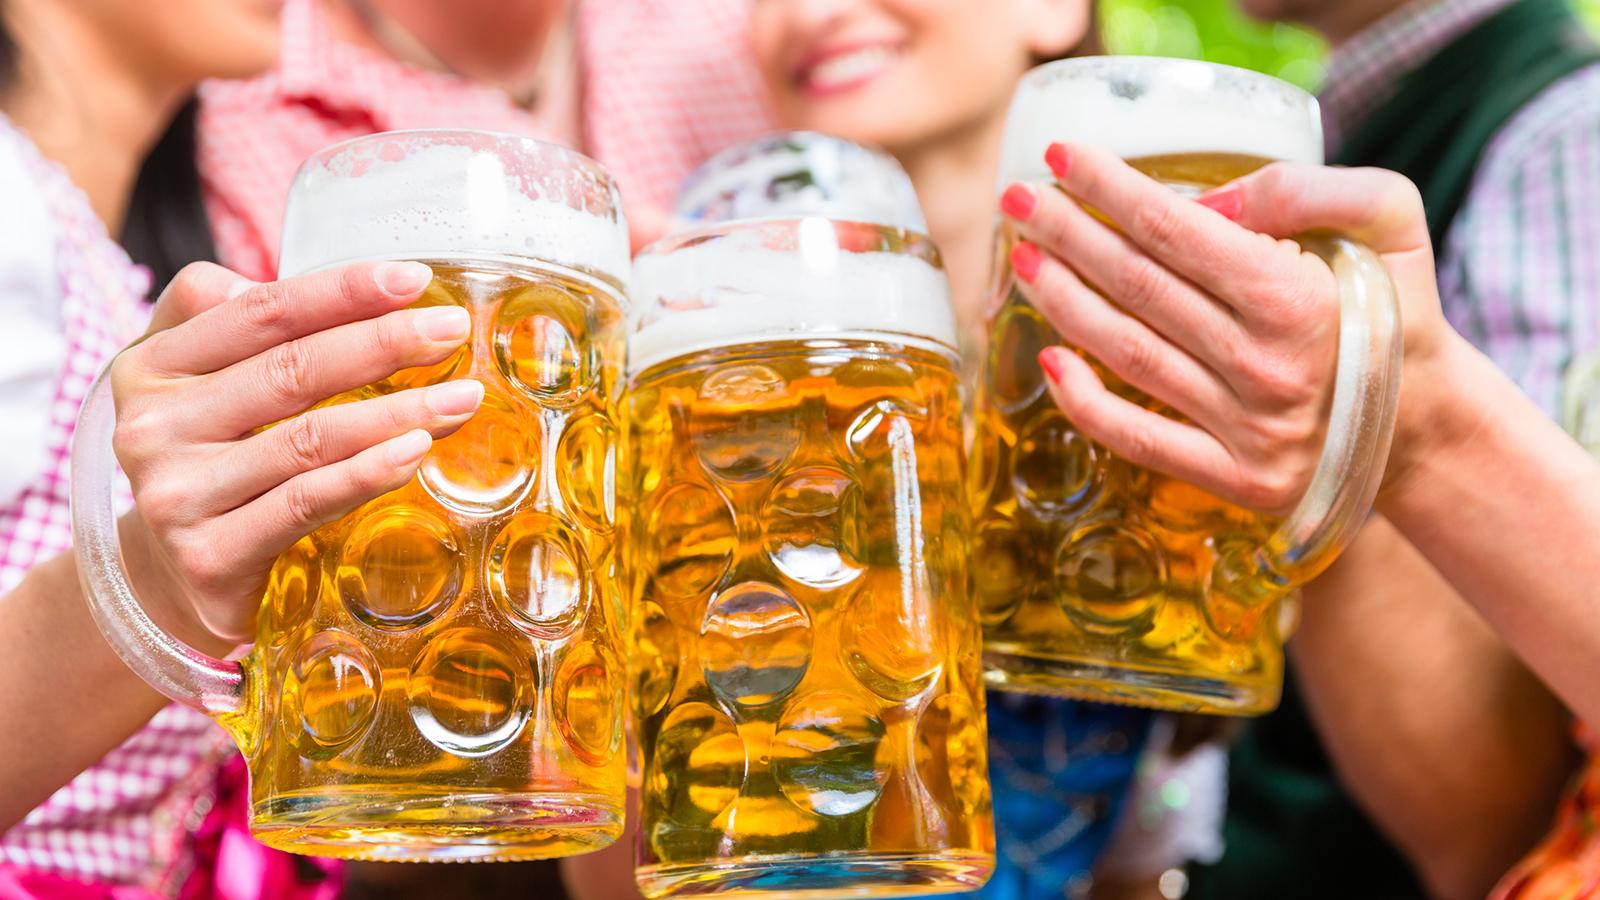 糖質制限中でも飲める?!おすすめと控えるべきアルコール!